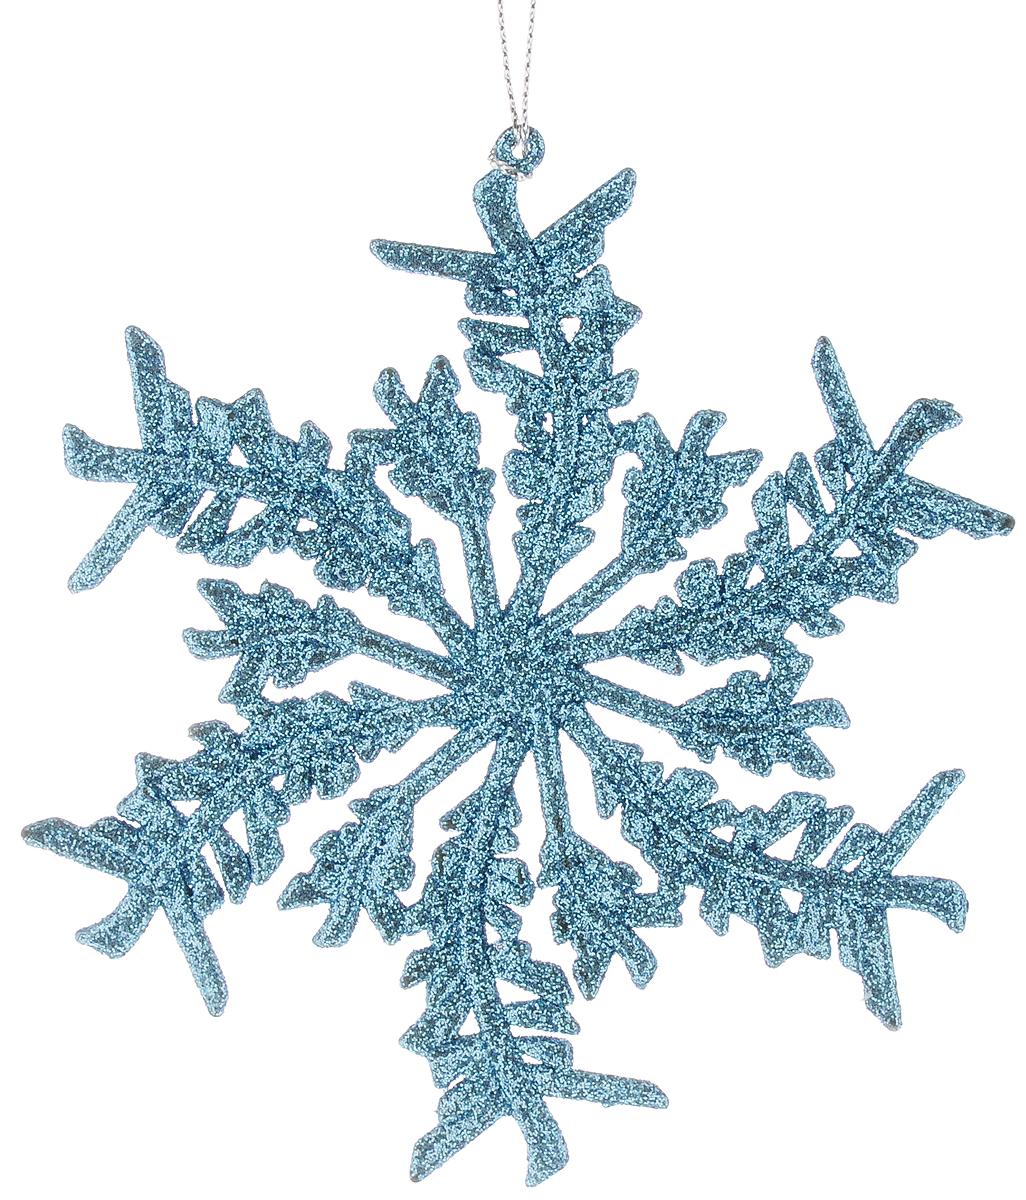 Украшение новогоднее подвесное Magic Time Снежинка с голубым глиттером, высота 14 см38715Новогоднее подвесное украшение Magic Time Снежинка с голубым глиттером выполнено из полипропилена в виде снежинки и украшено блестками. С помощью специальной петельки украшение можно повесить в любом понравившемся вам месте. Но, конечно, удачнее всего оно будет смотреться на праздничной елке.Елочная игрушка - символ Нового года. Она несет в себе волшебство и красоту праздника. Создайте в своем доме атмосферу веселья и радости, украшая новогоднюю елку нарядными игрушками, которые будут из года в год накапливать теплоту воспоминаний.